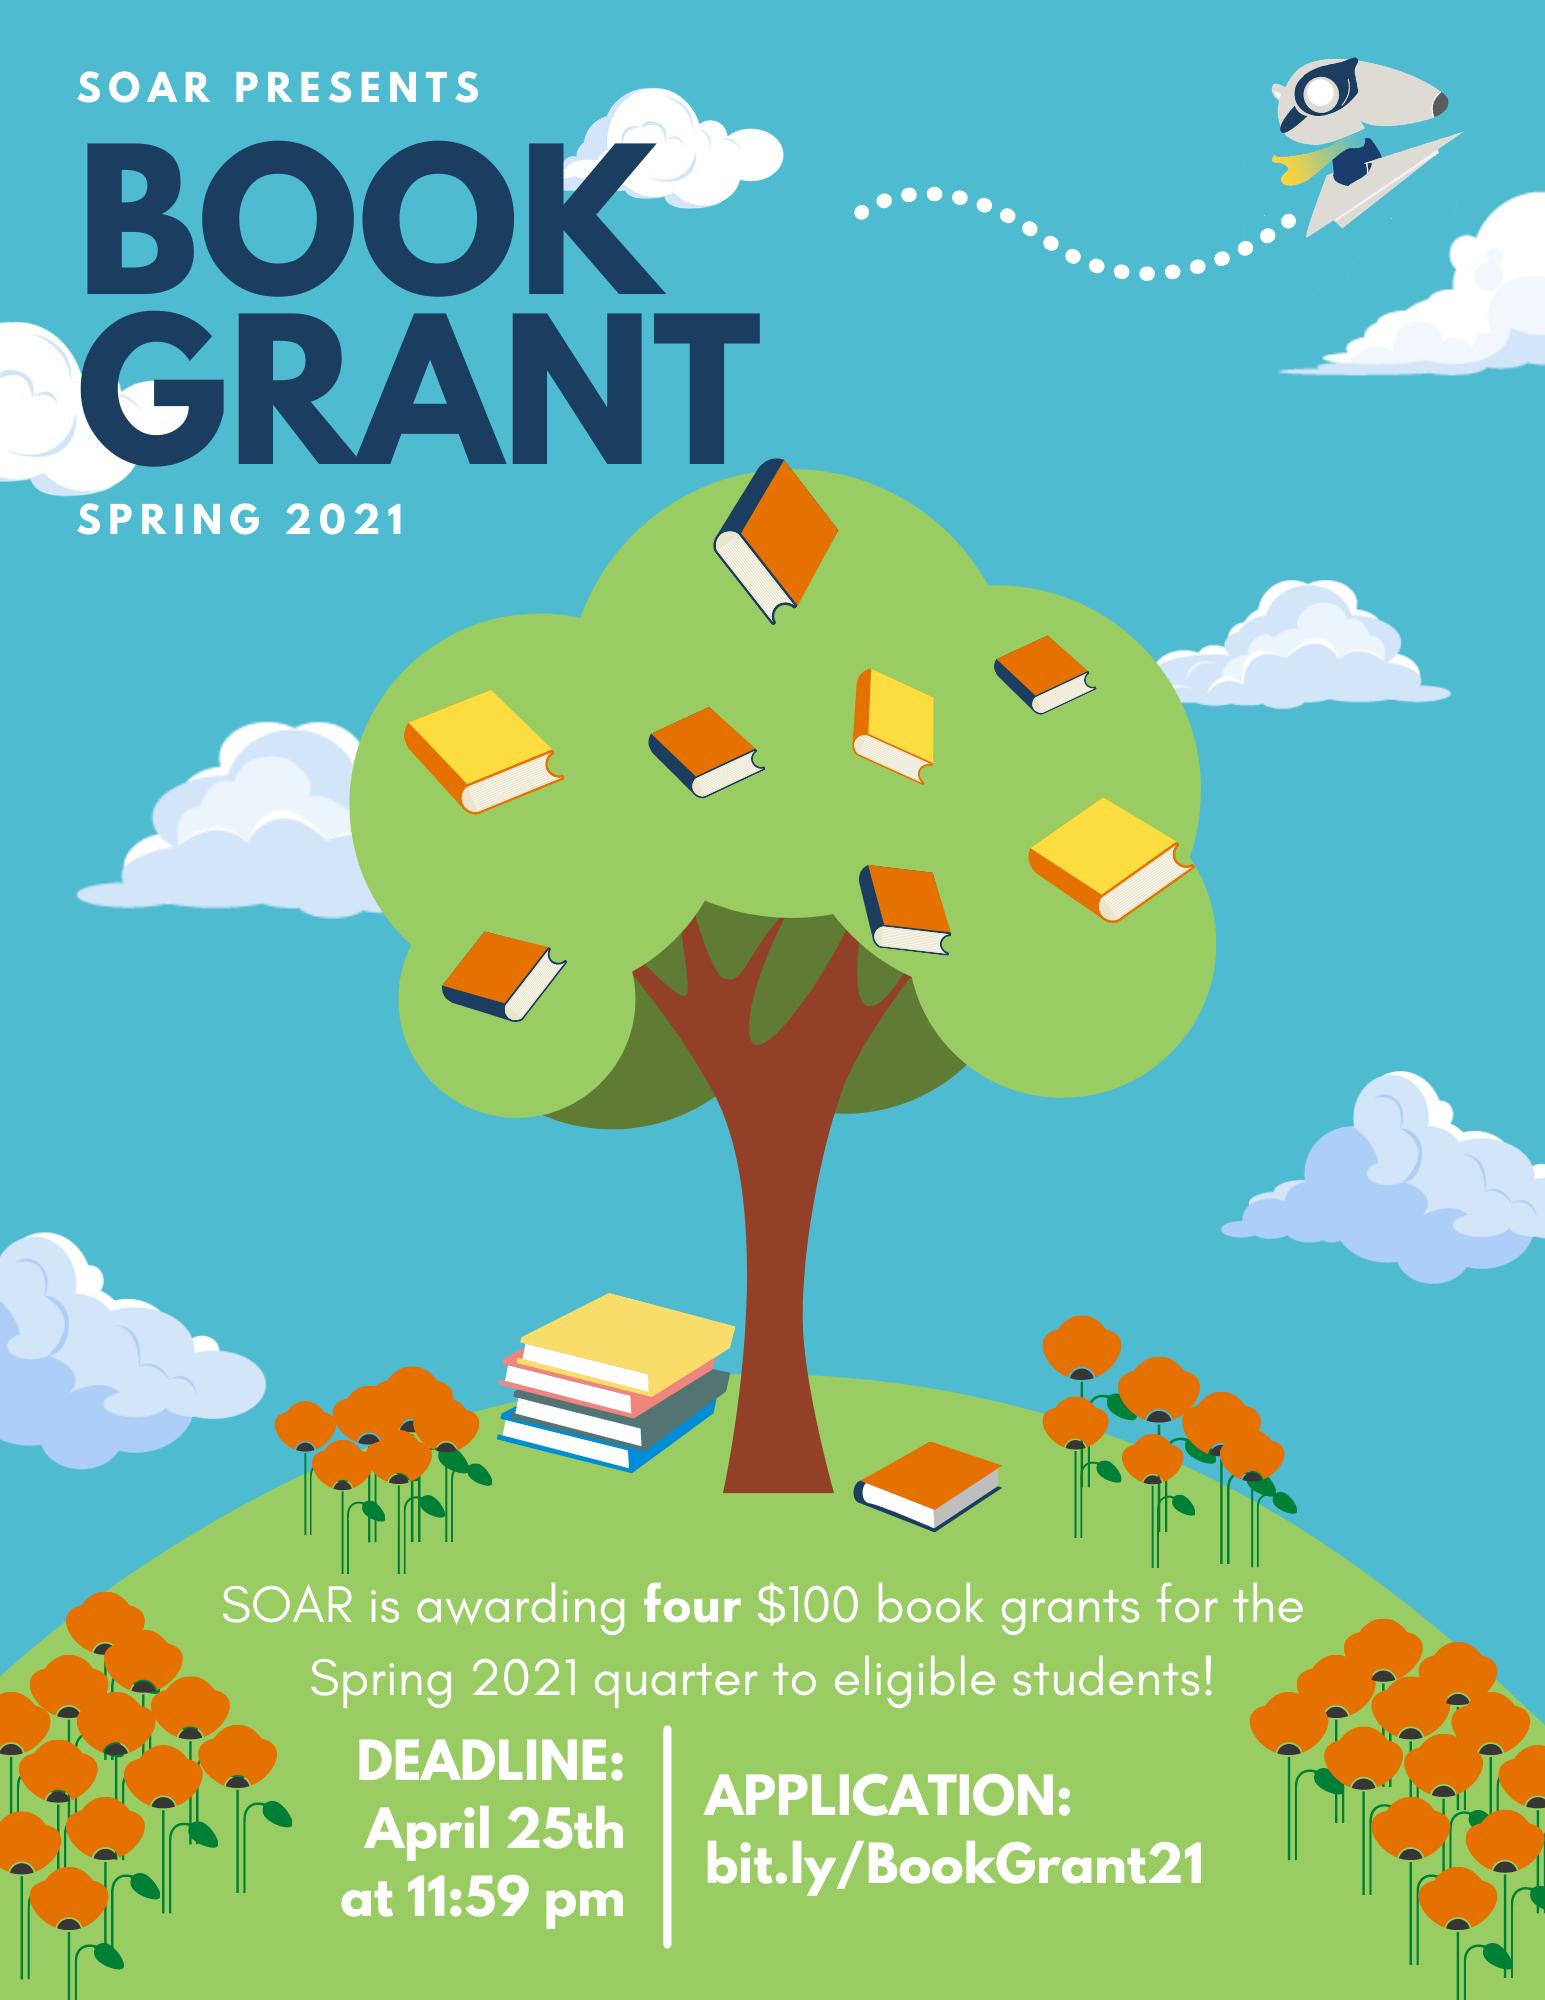 Book Grant S21